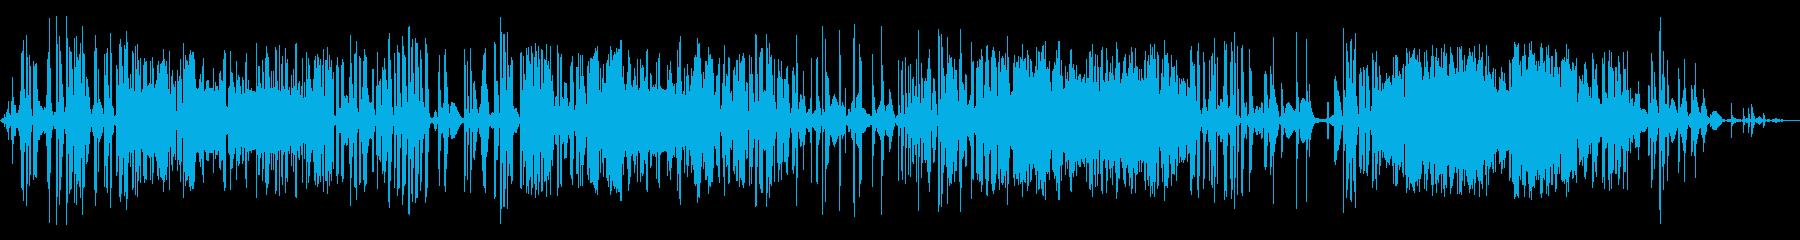 中周波リッピングフェーズ通信干渉の再生済みの波形